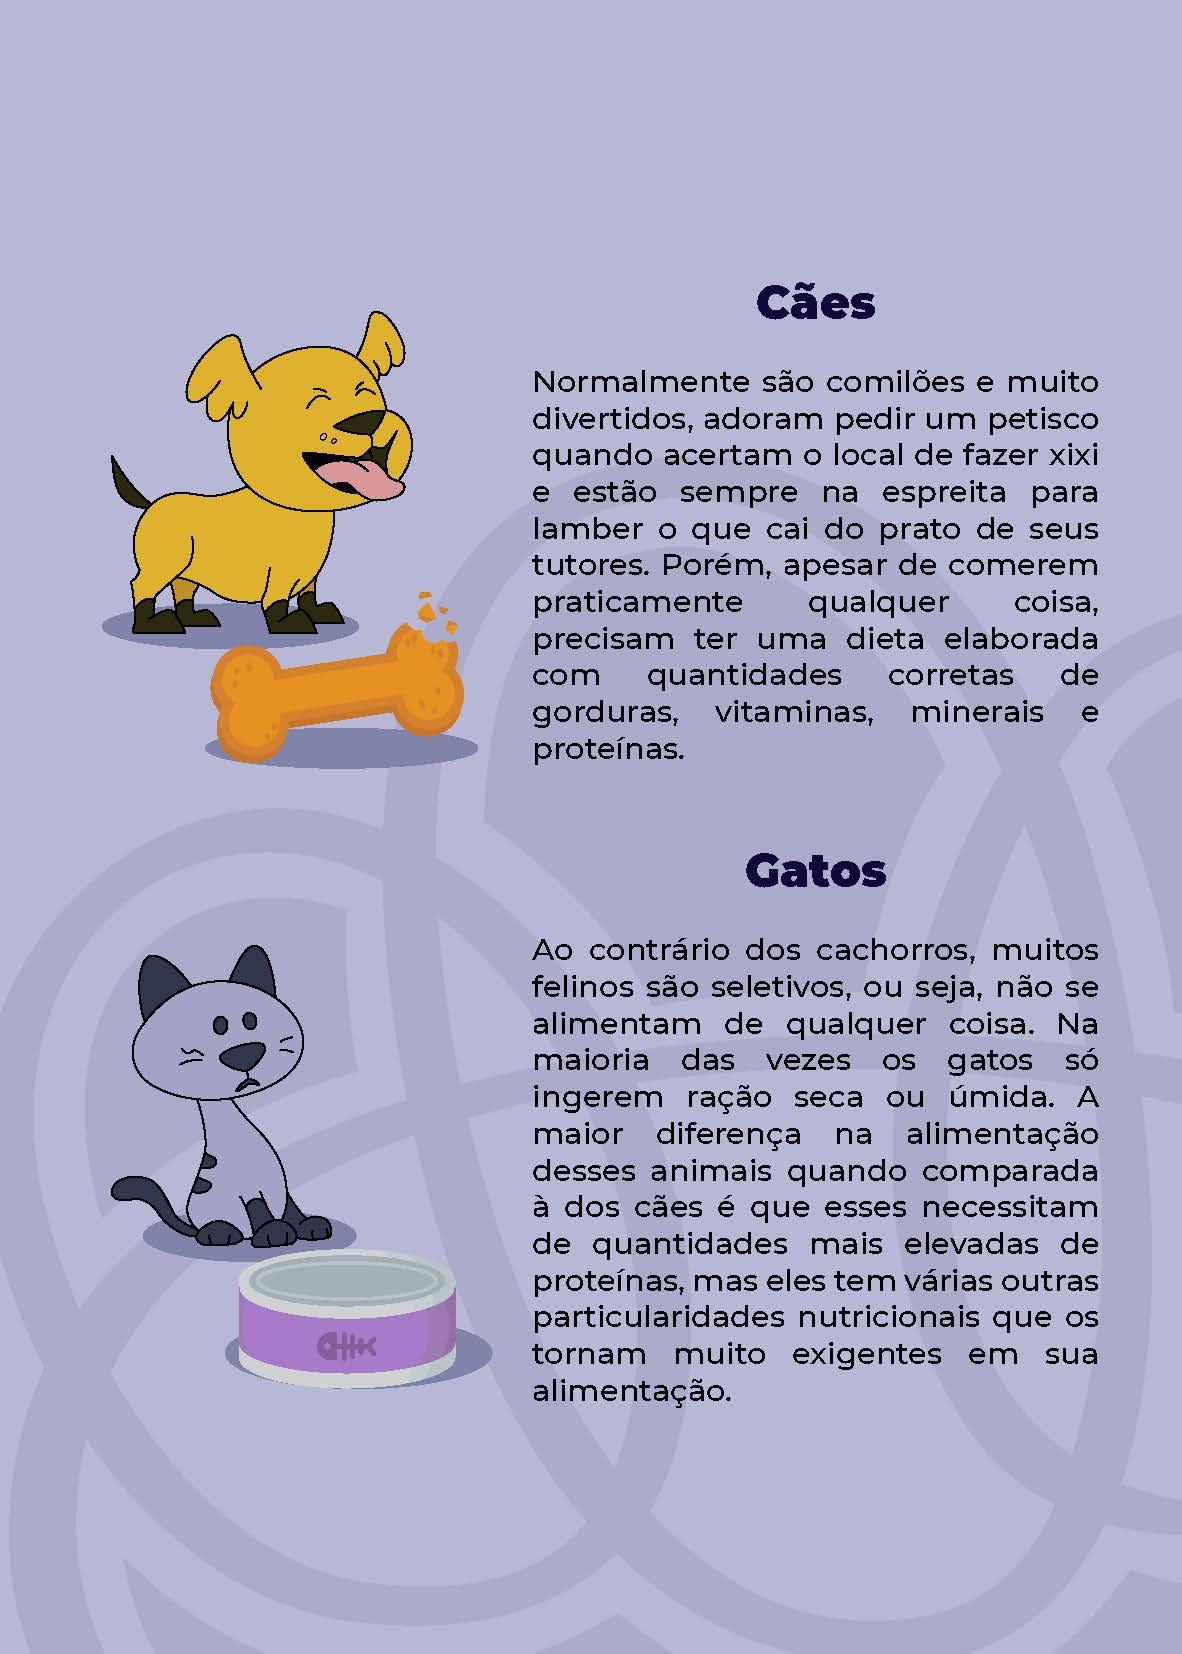 [E-BOOK] 6 DICAS DE CUIDADOS NA ROTINA DE CÃES E GATOS PARA MANTER A BOA SAÚDE NO INVERNO! Baixe grátis nosso ebook com dicas dos nossos especialistas em cães e gatos!